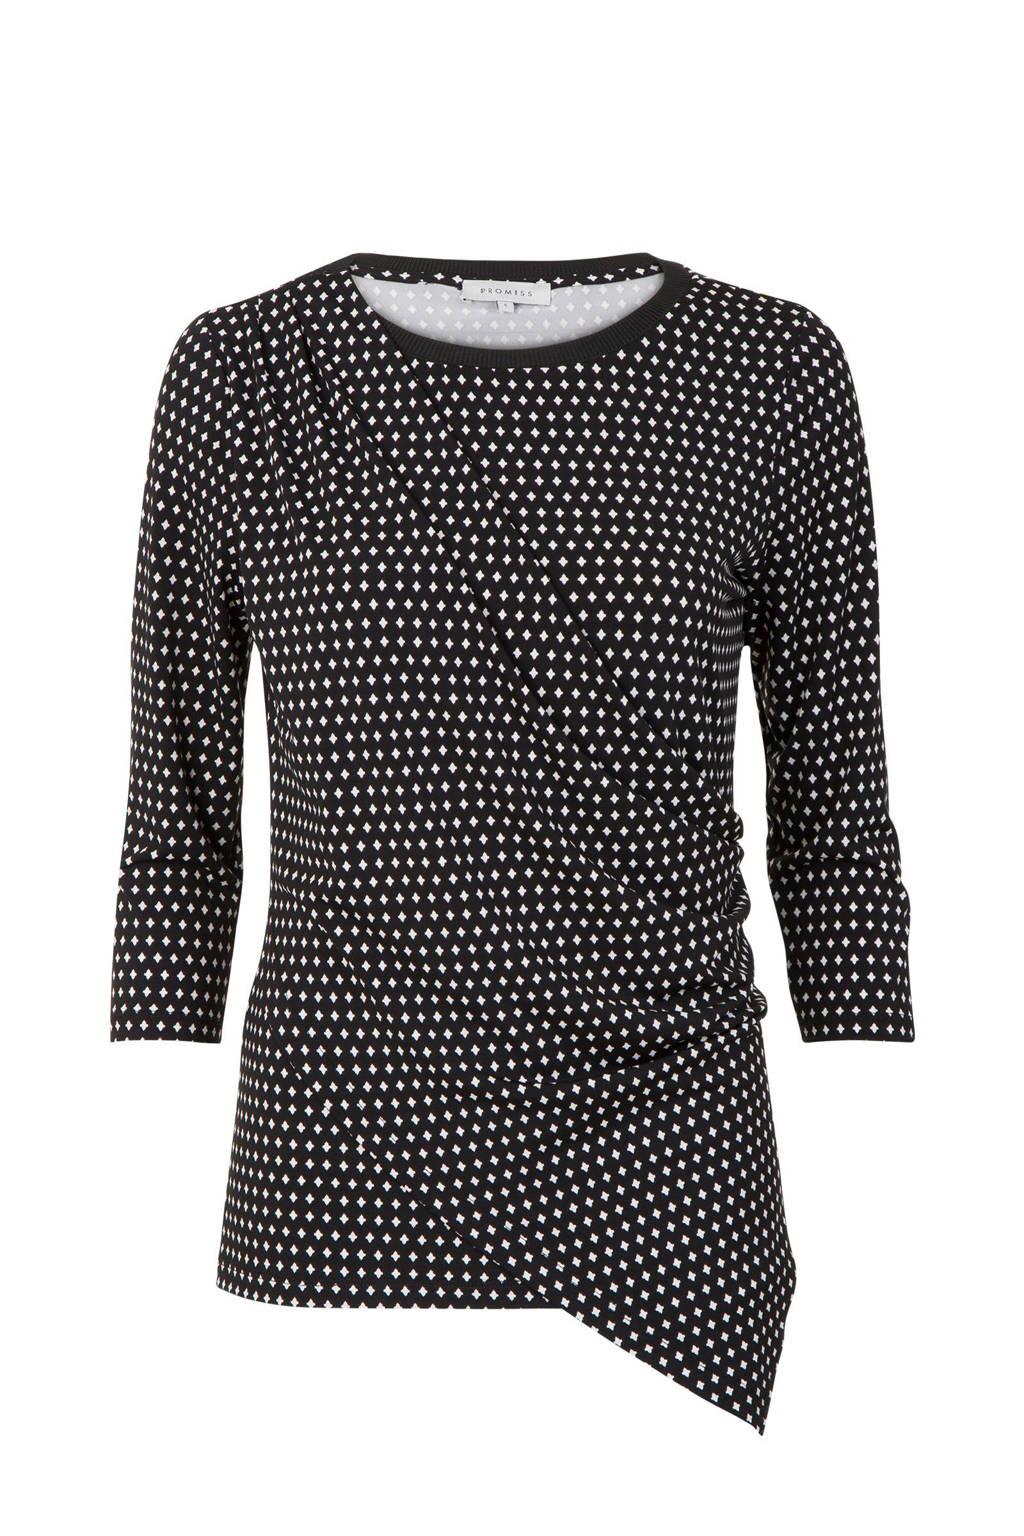 Promiss T-shirt met all over print zwart, Zwart/wit